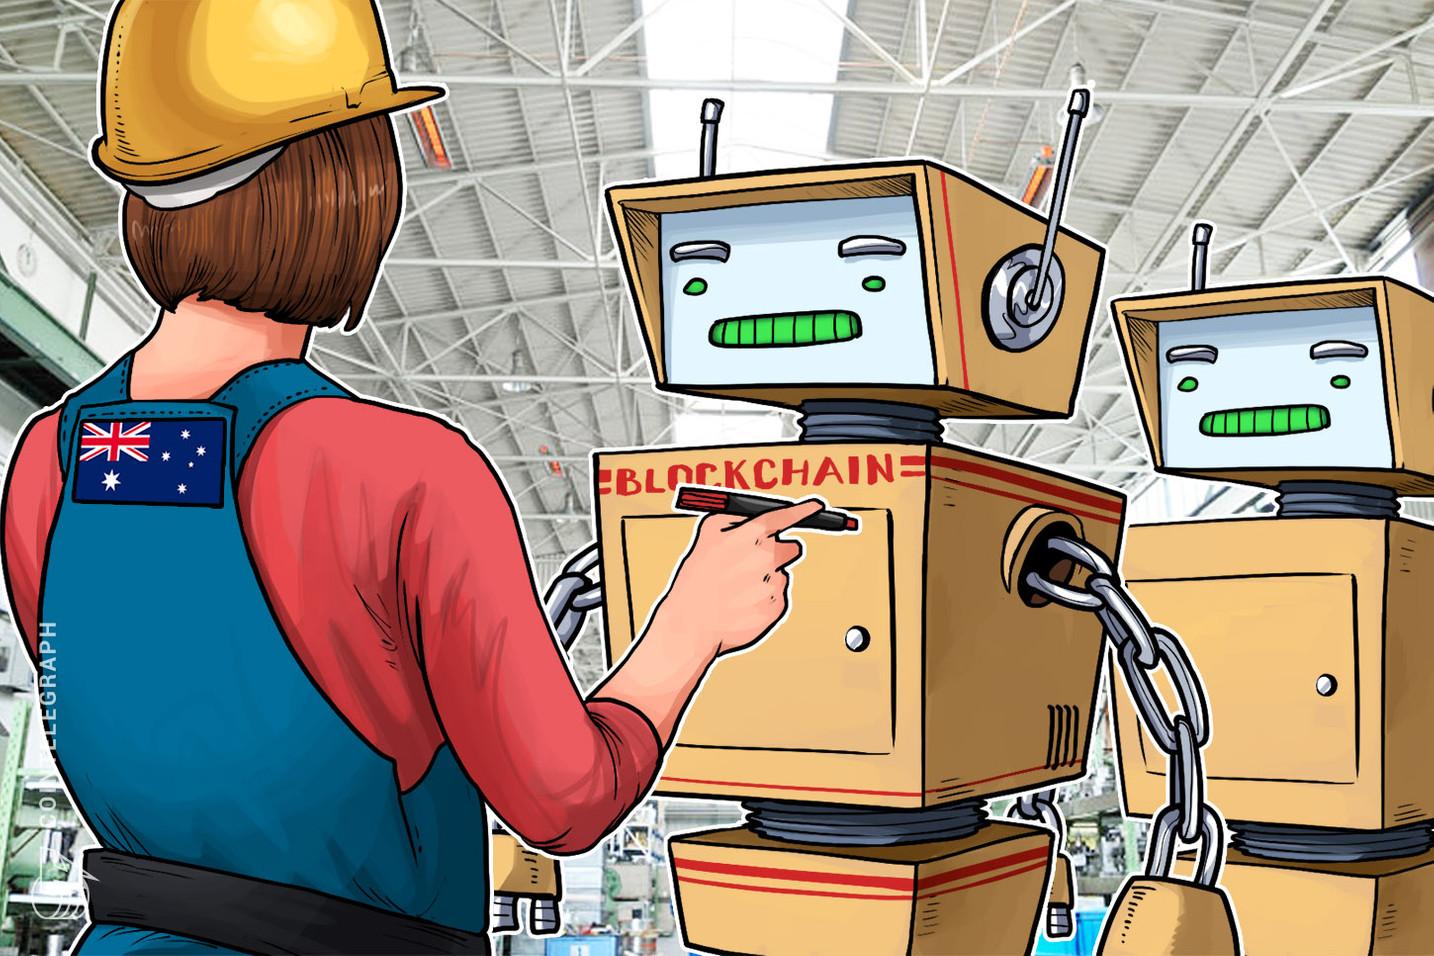 Australien: Regierung erwägt Blockchain für Handelslieferketten